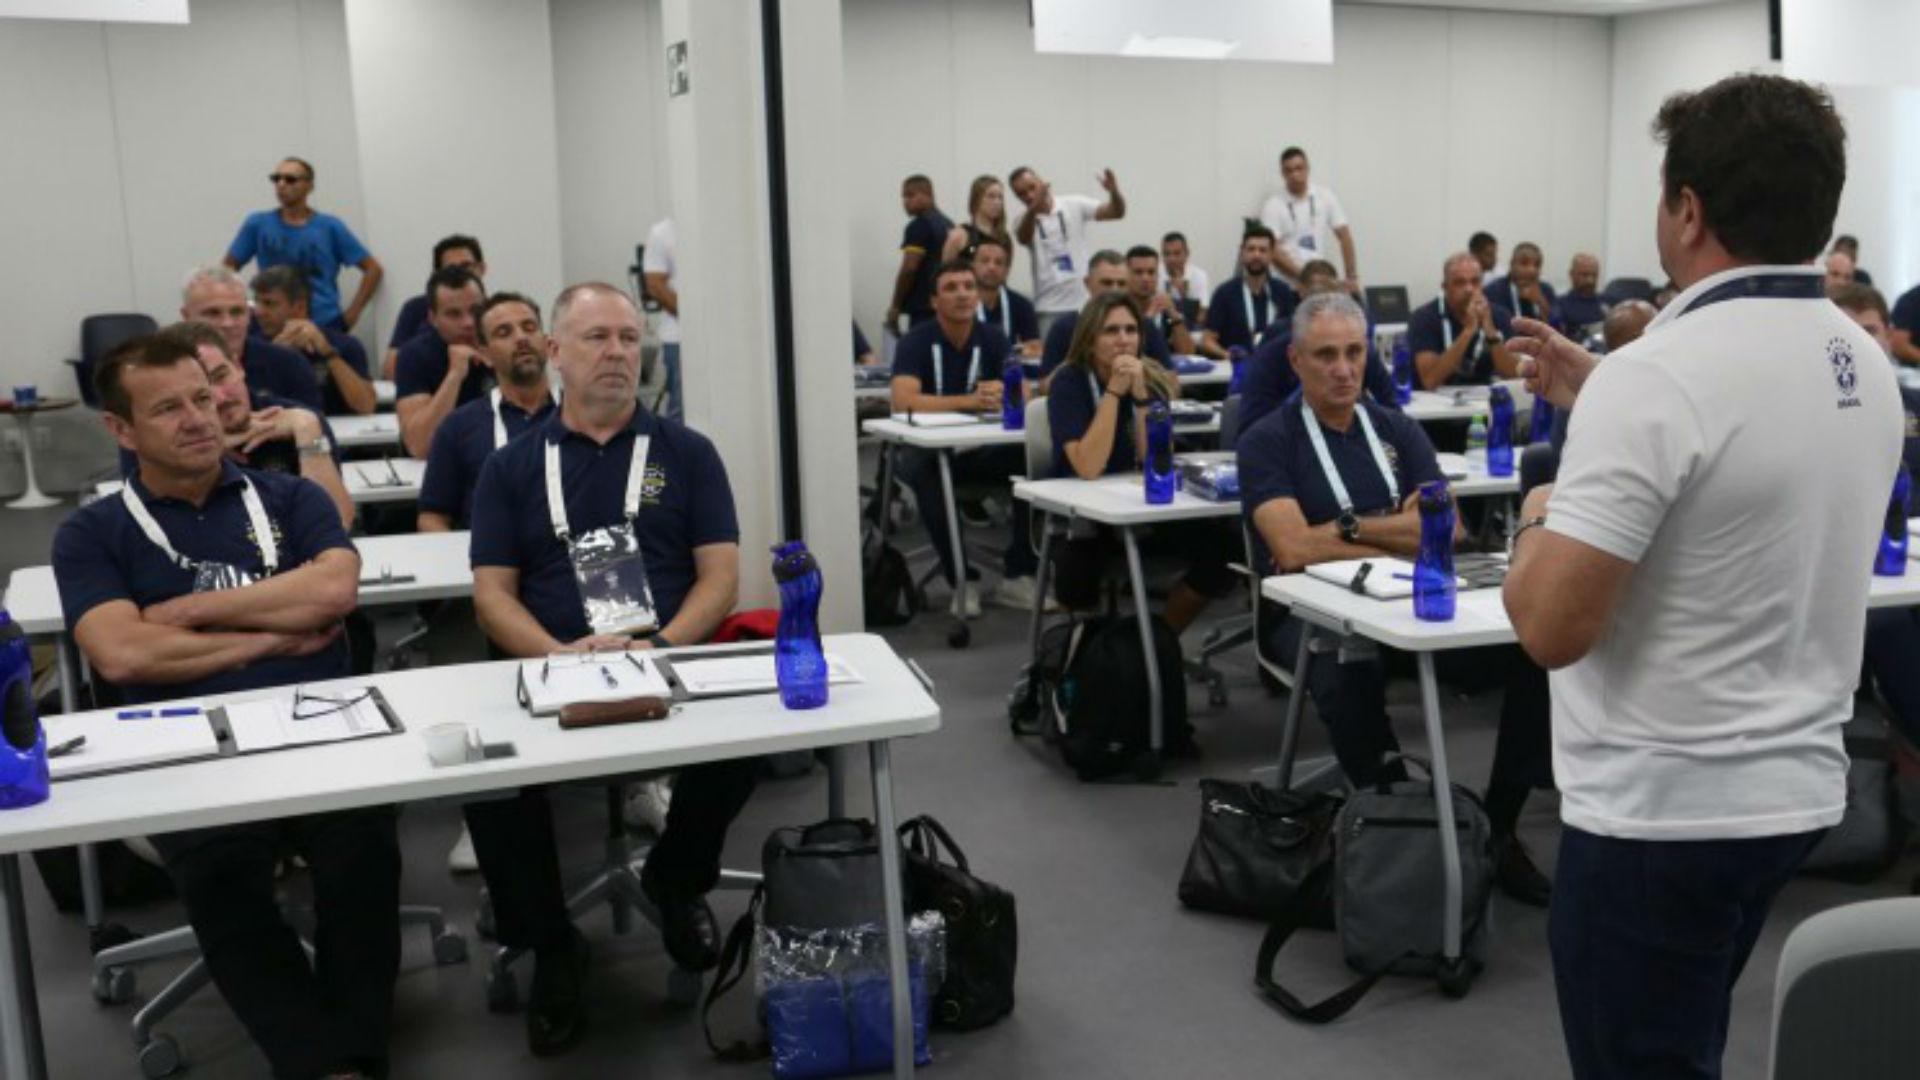 [COMENTE] Os treinadores brasileiros estão ultrapassados. Você concorda com a afirmação do treinador Jorge Jesus?